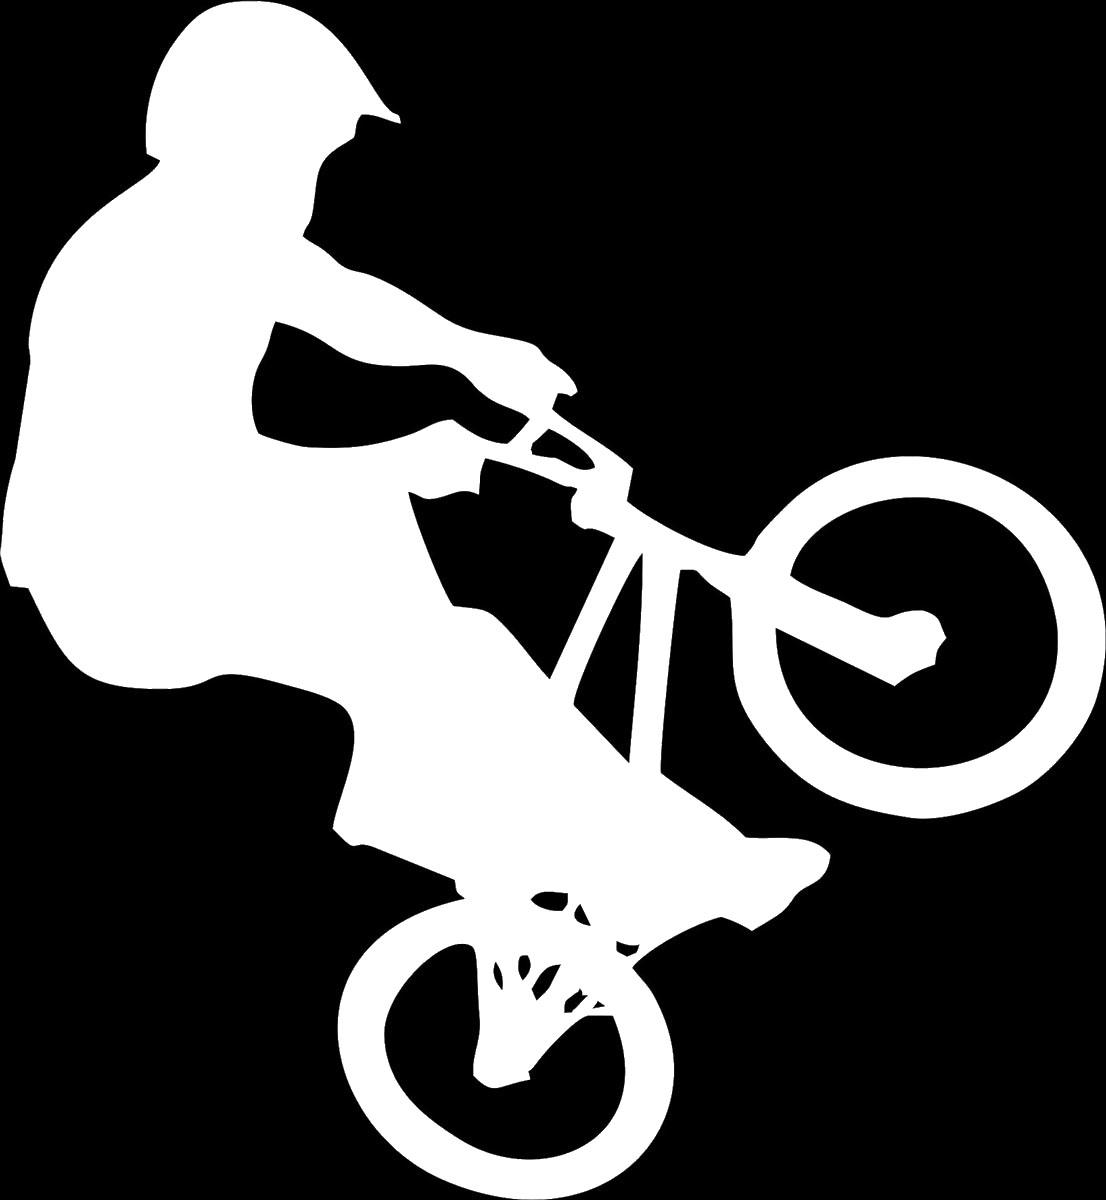 Наклейка автомобильная Оранжевый слоник Велосипед, виниловая, цвет: белый150SP00042WОригинальная наклейка Оранжевый слоник Велосипед изготовлена из высококачественной виниловой пленки, которая выполняет не только декоративную функцию, но и защищает кузов автомобиля от небольших механических повреждений, либо скрывает уже существующие.Виниловые наклейки на автомобиль - это не только красиво, но еще и быстро! Всего за несколько минут вы можете полностью преобразить свой автомобиль, сделать его ярким, необычным, особенным и неповторимым!